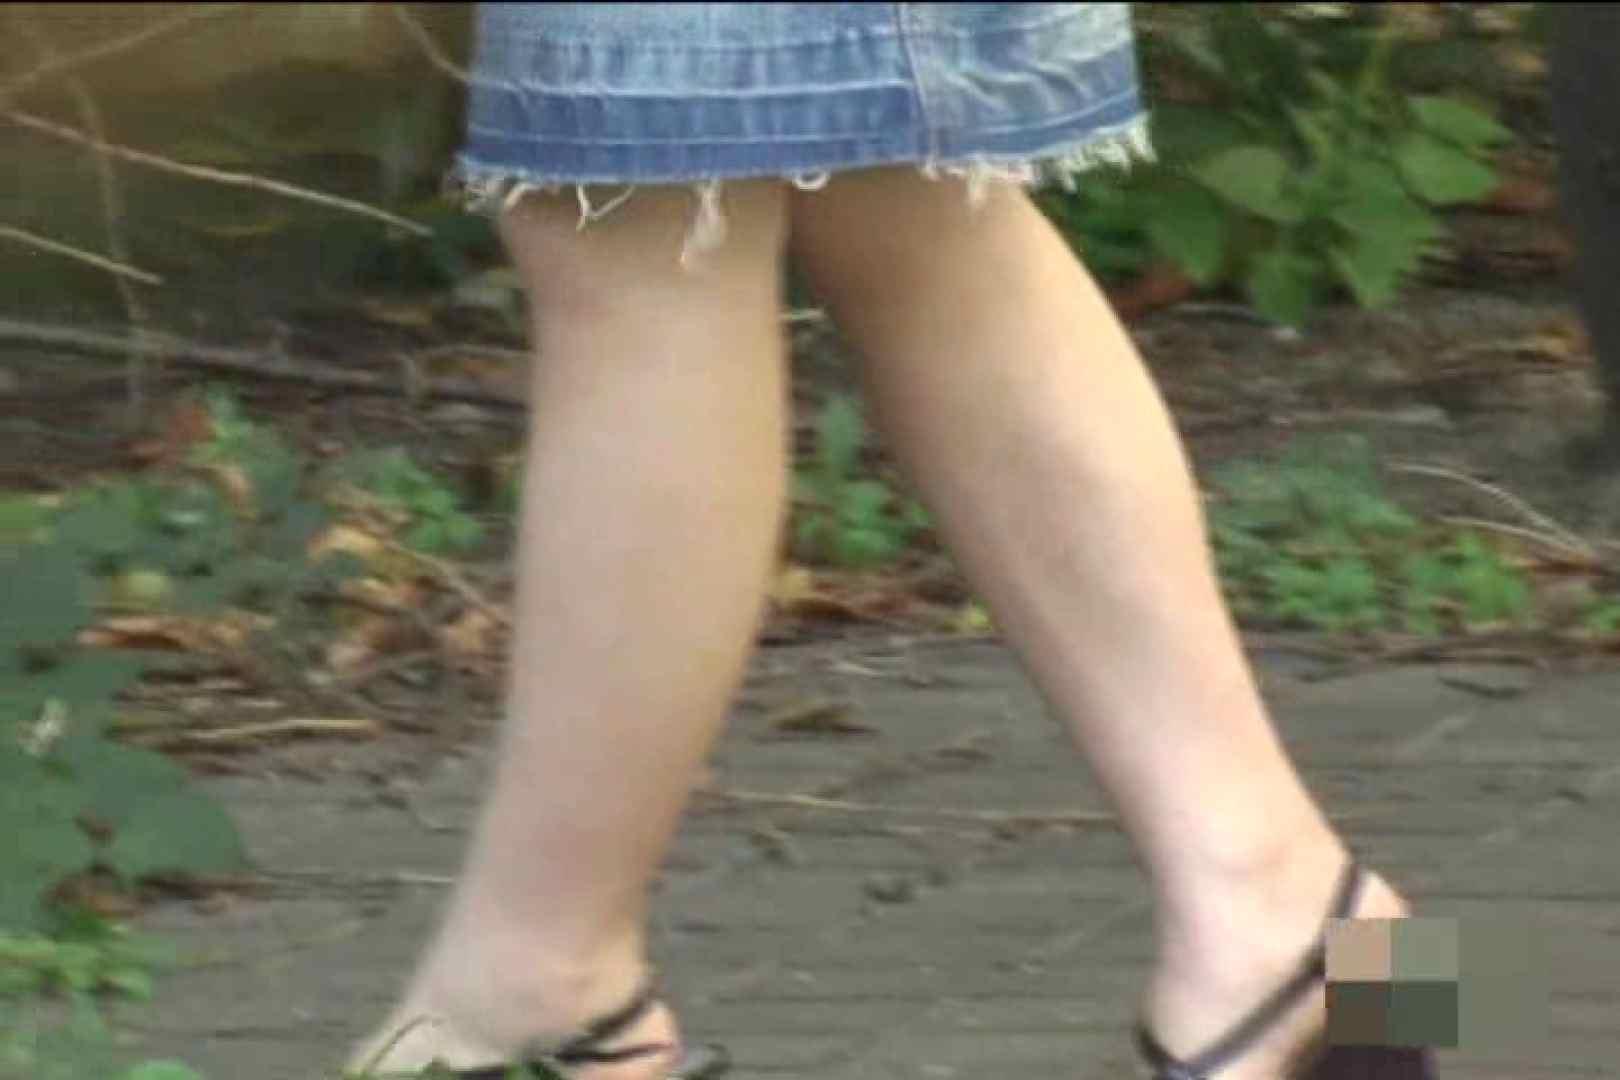 検証!隠し撮りスカートめくり!!Vol.8 ミニスカート  108画像 18